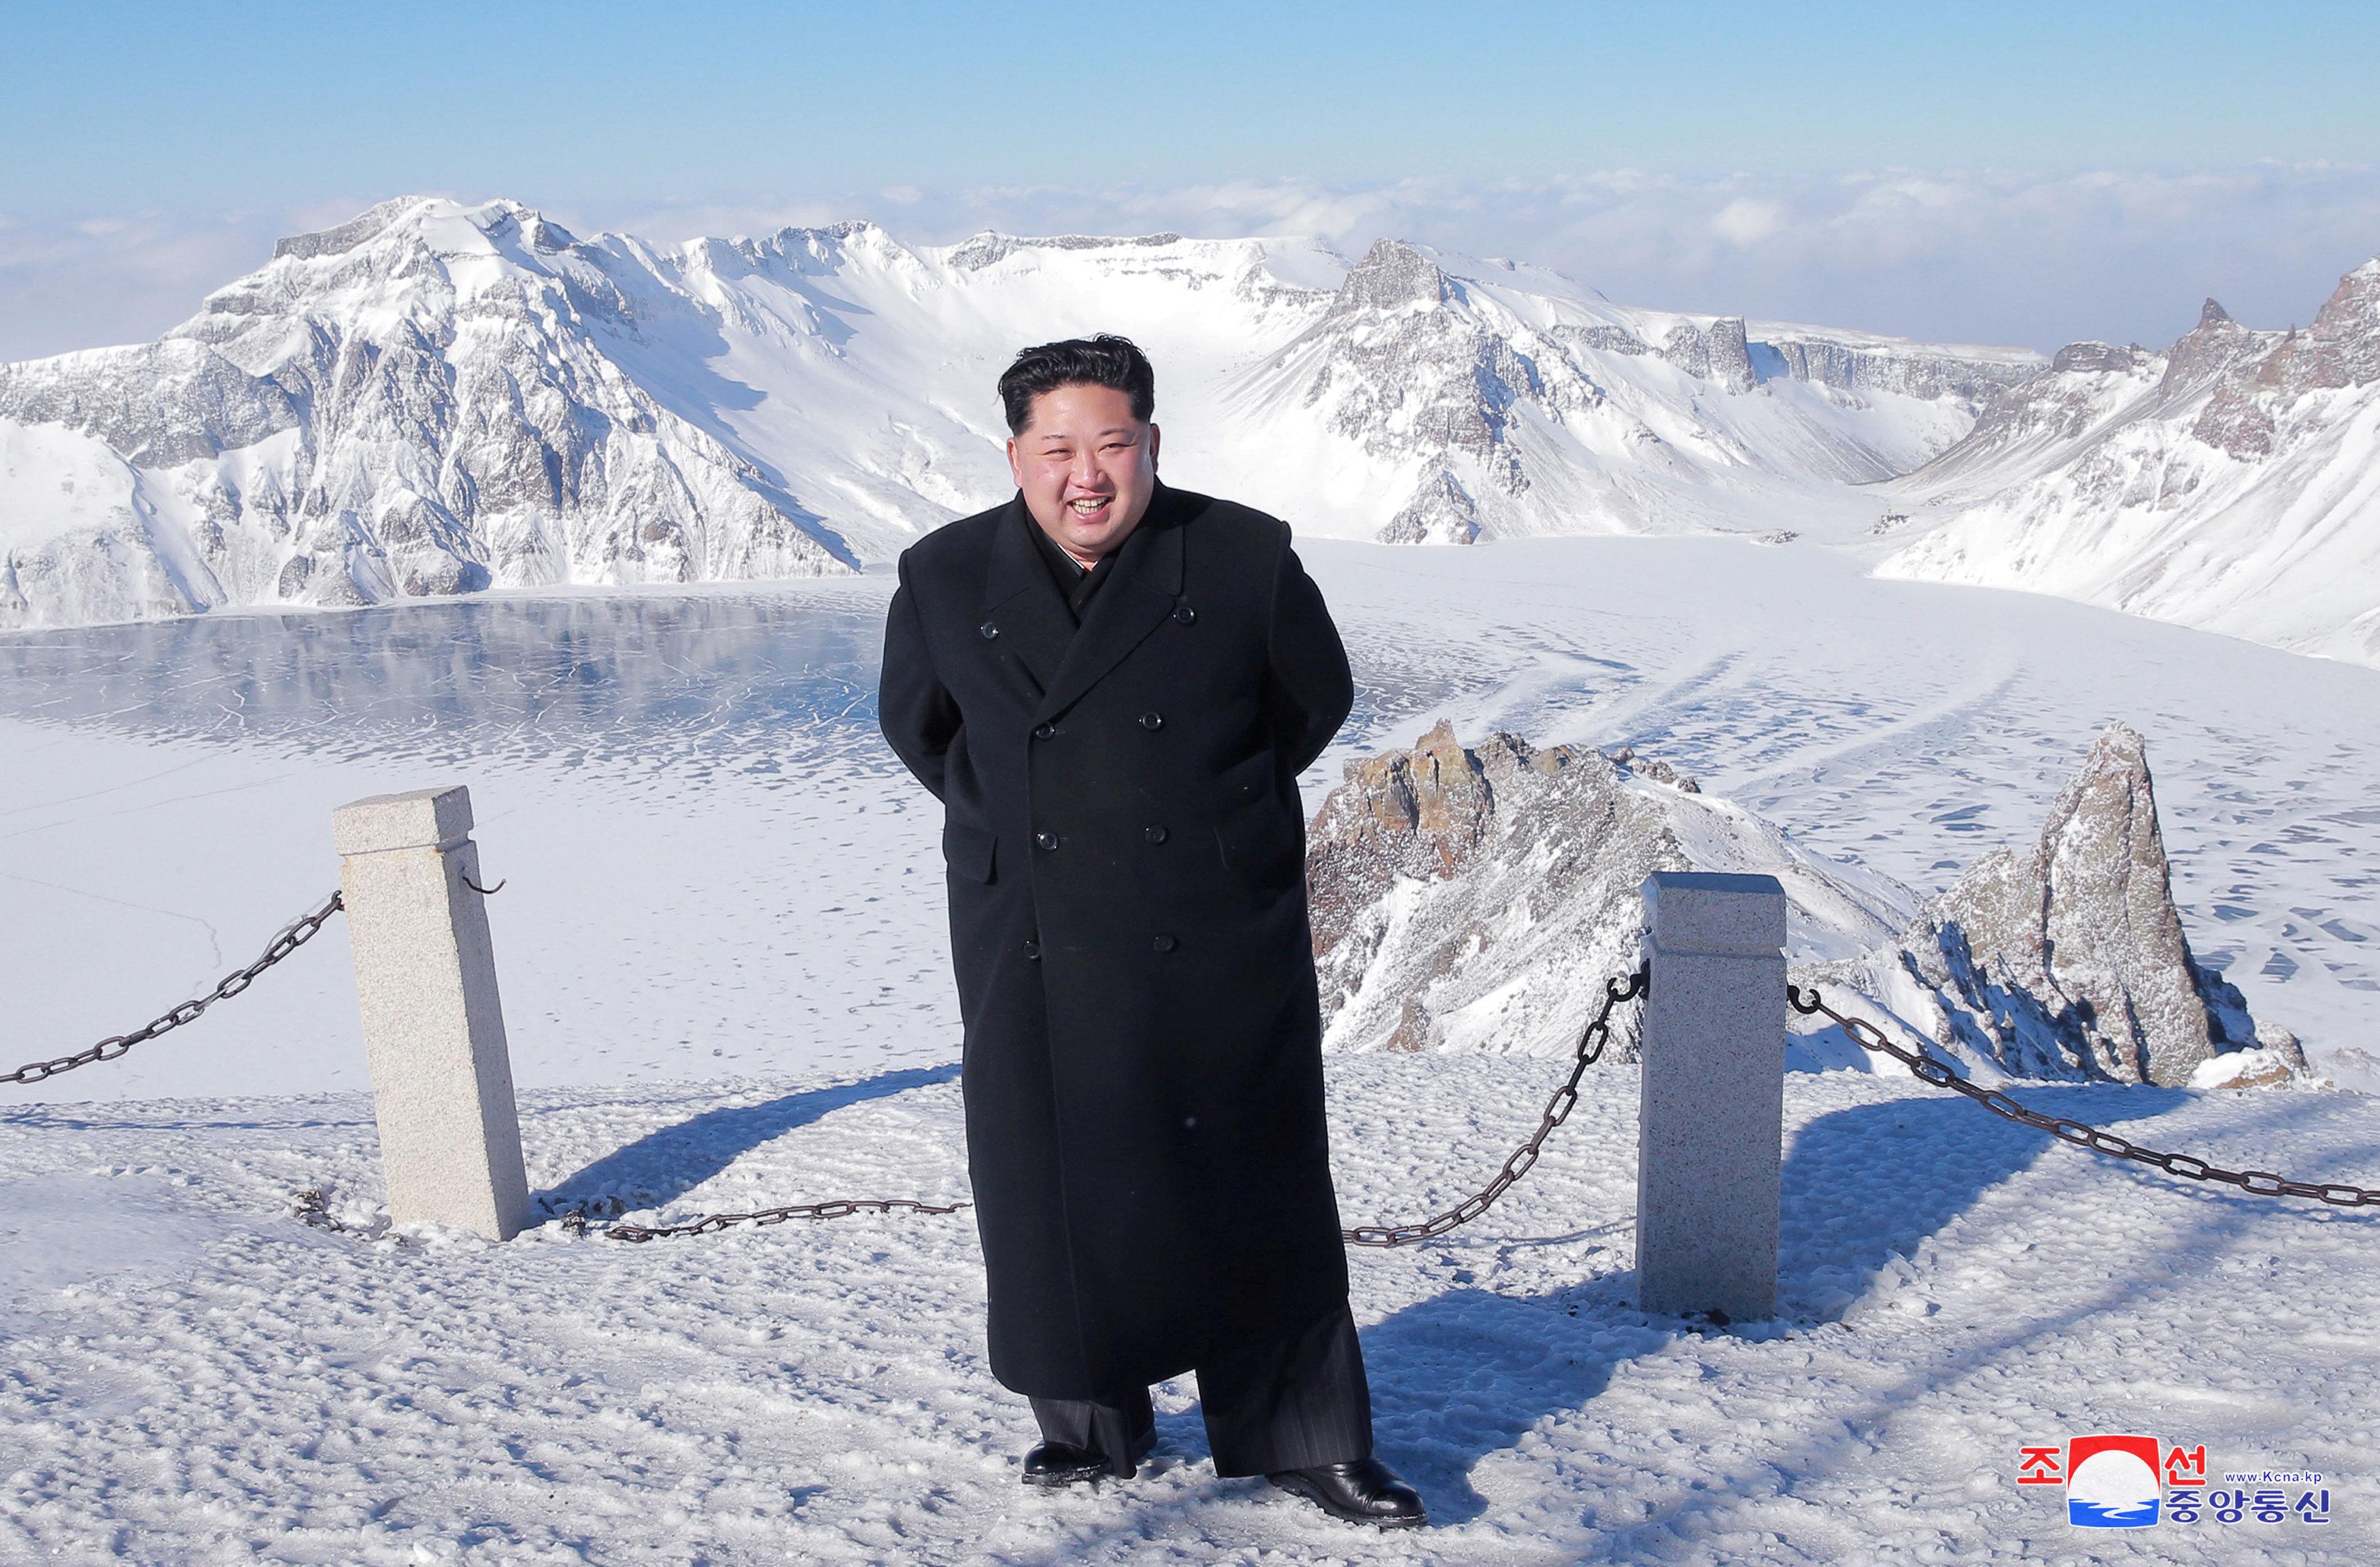 Le dirigeant nord-coréen Kim Jong-un visite le mont Paektu sur cette photo publiée par l'agence de presse de Corée du Nord (KCNA)